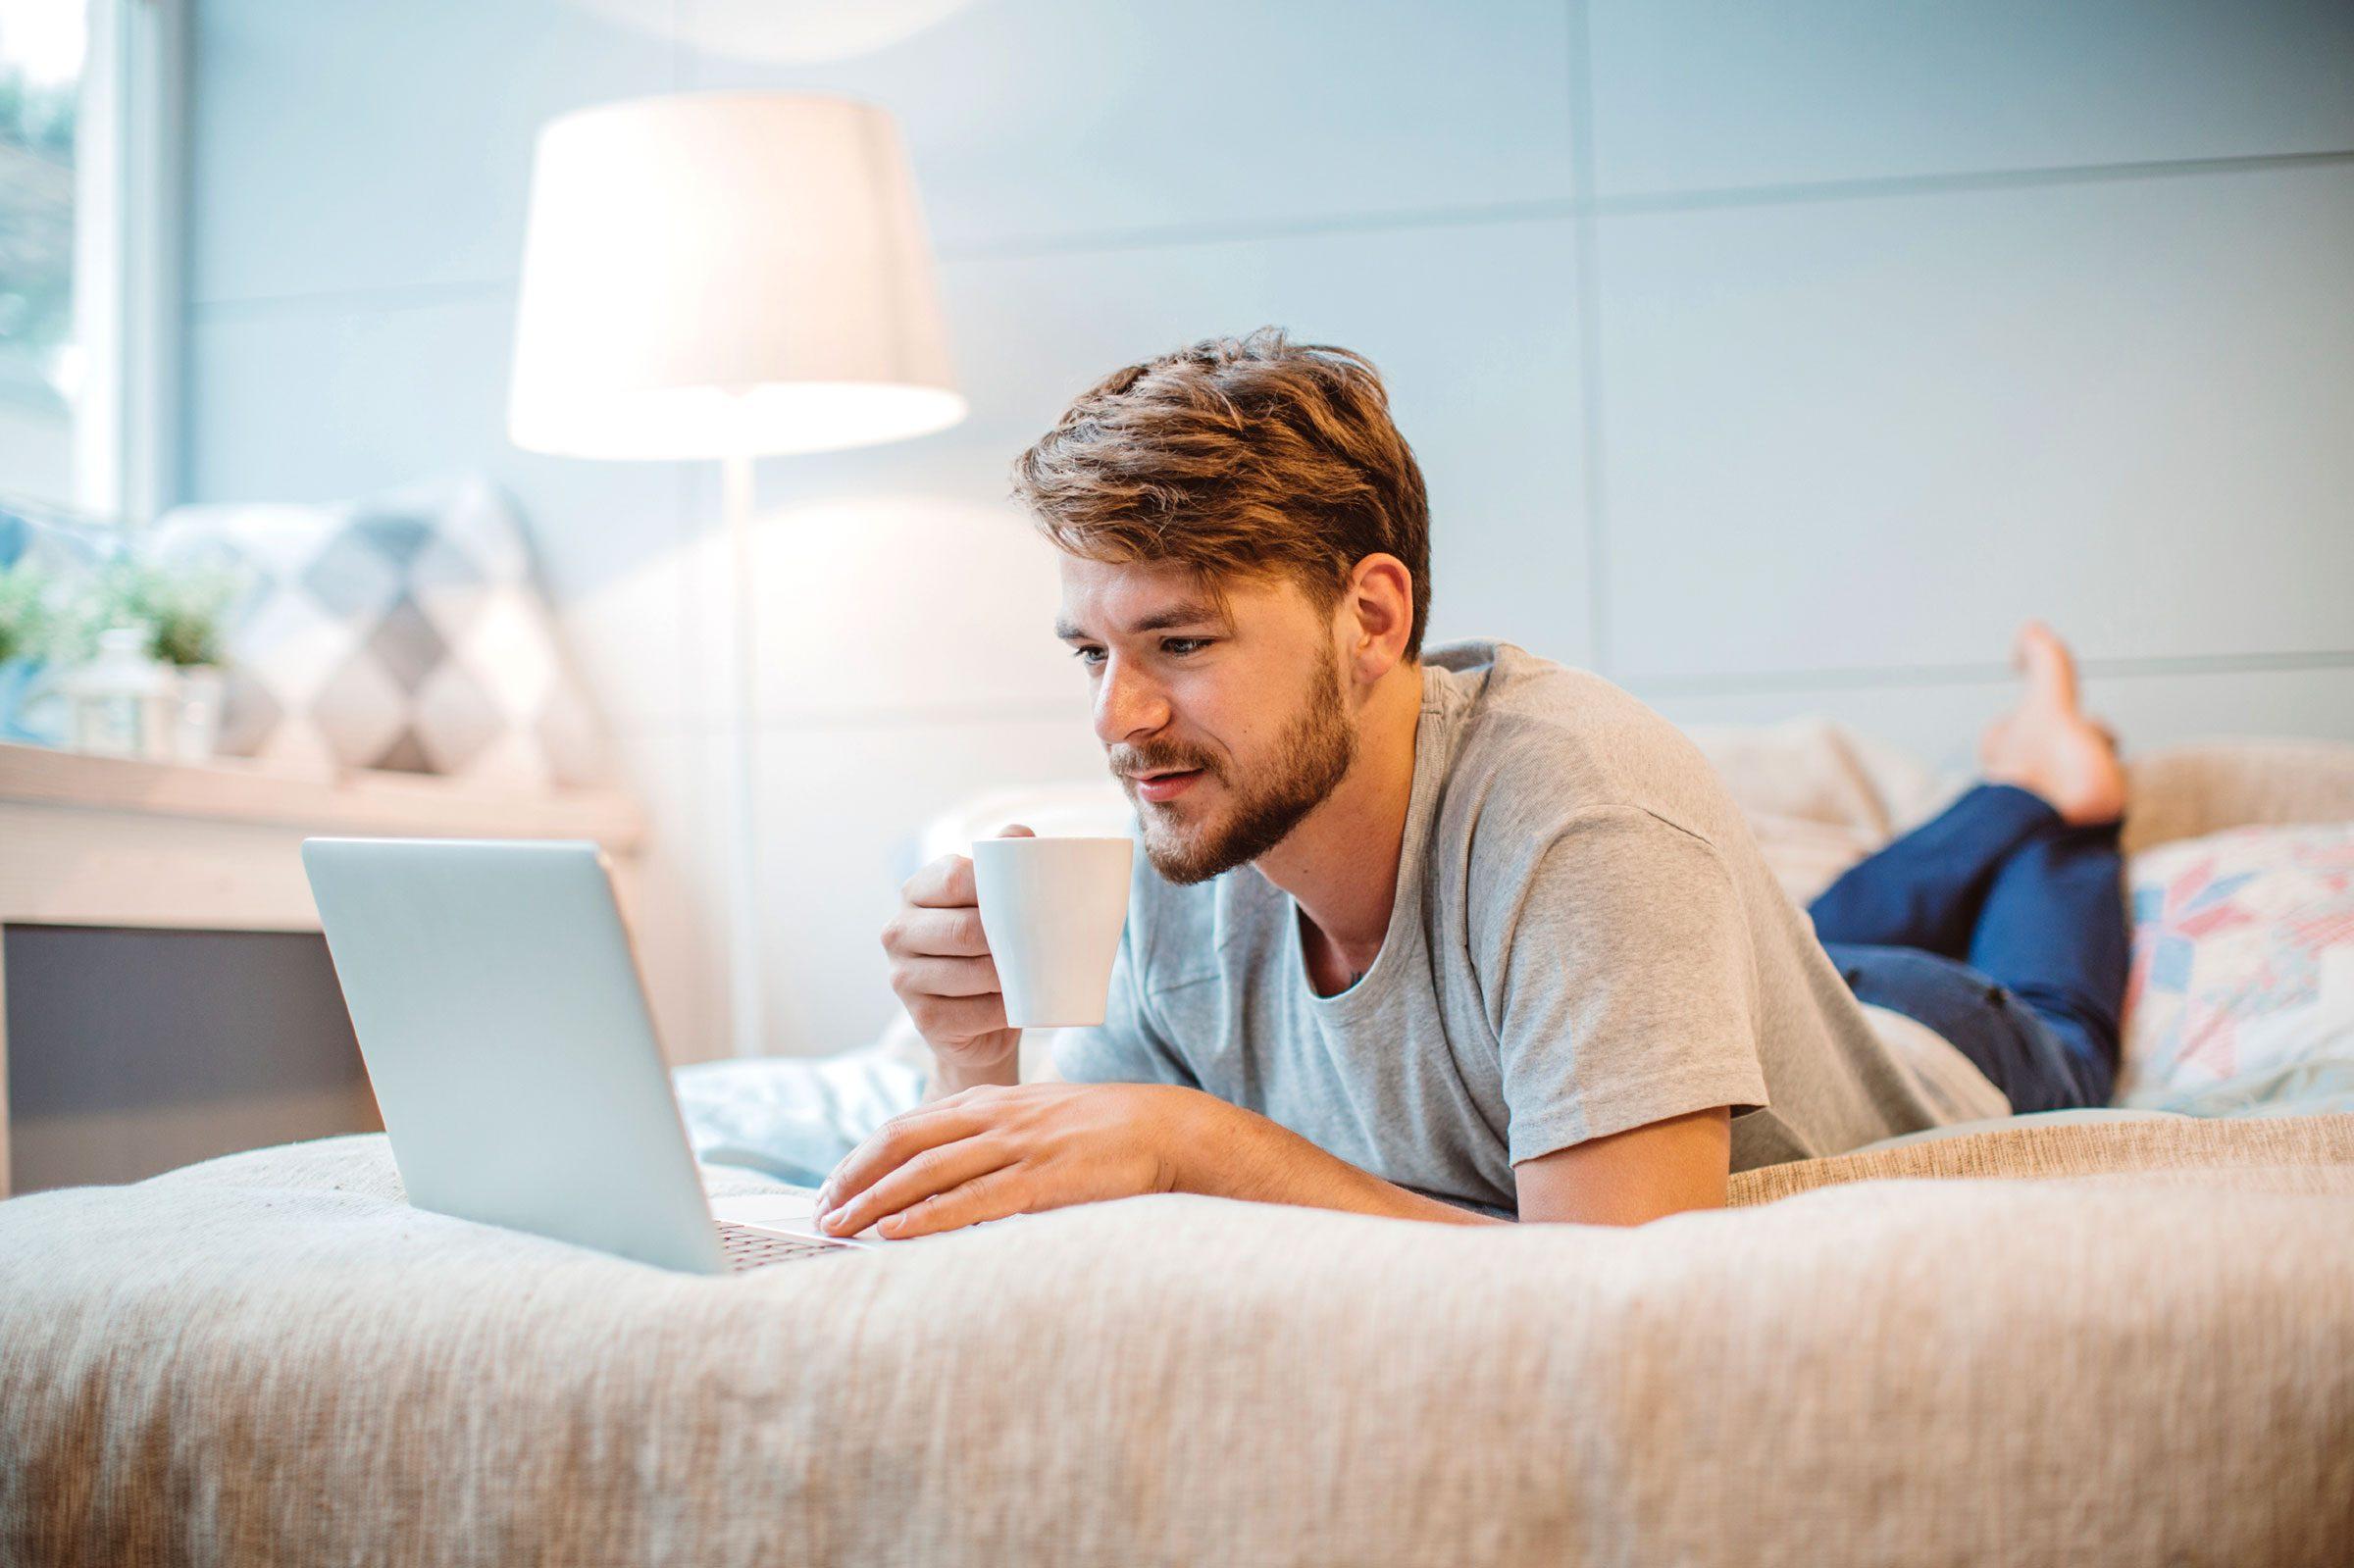 You spend your weekends binge-watching TV